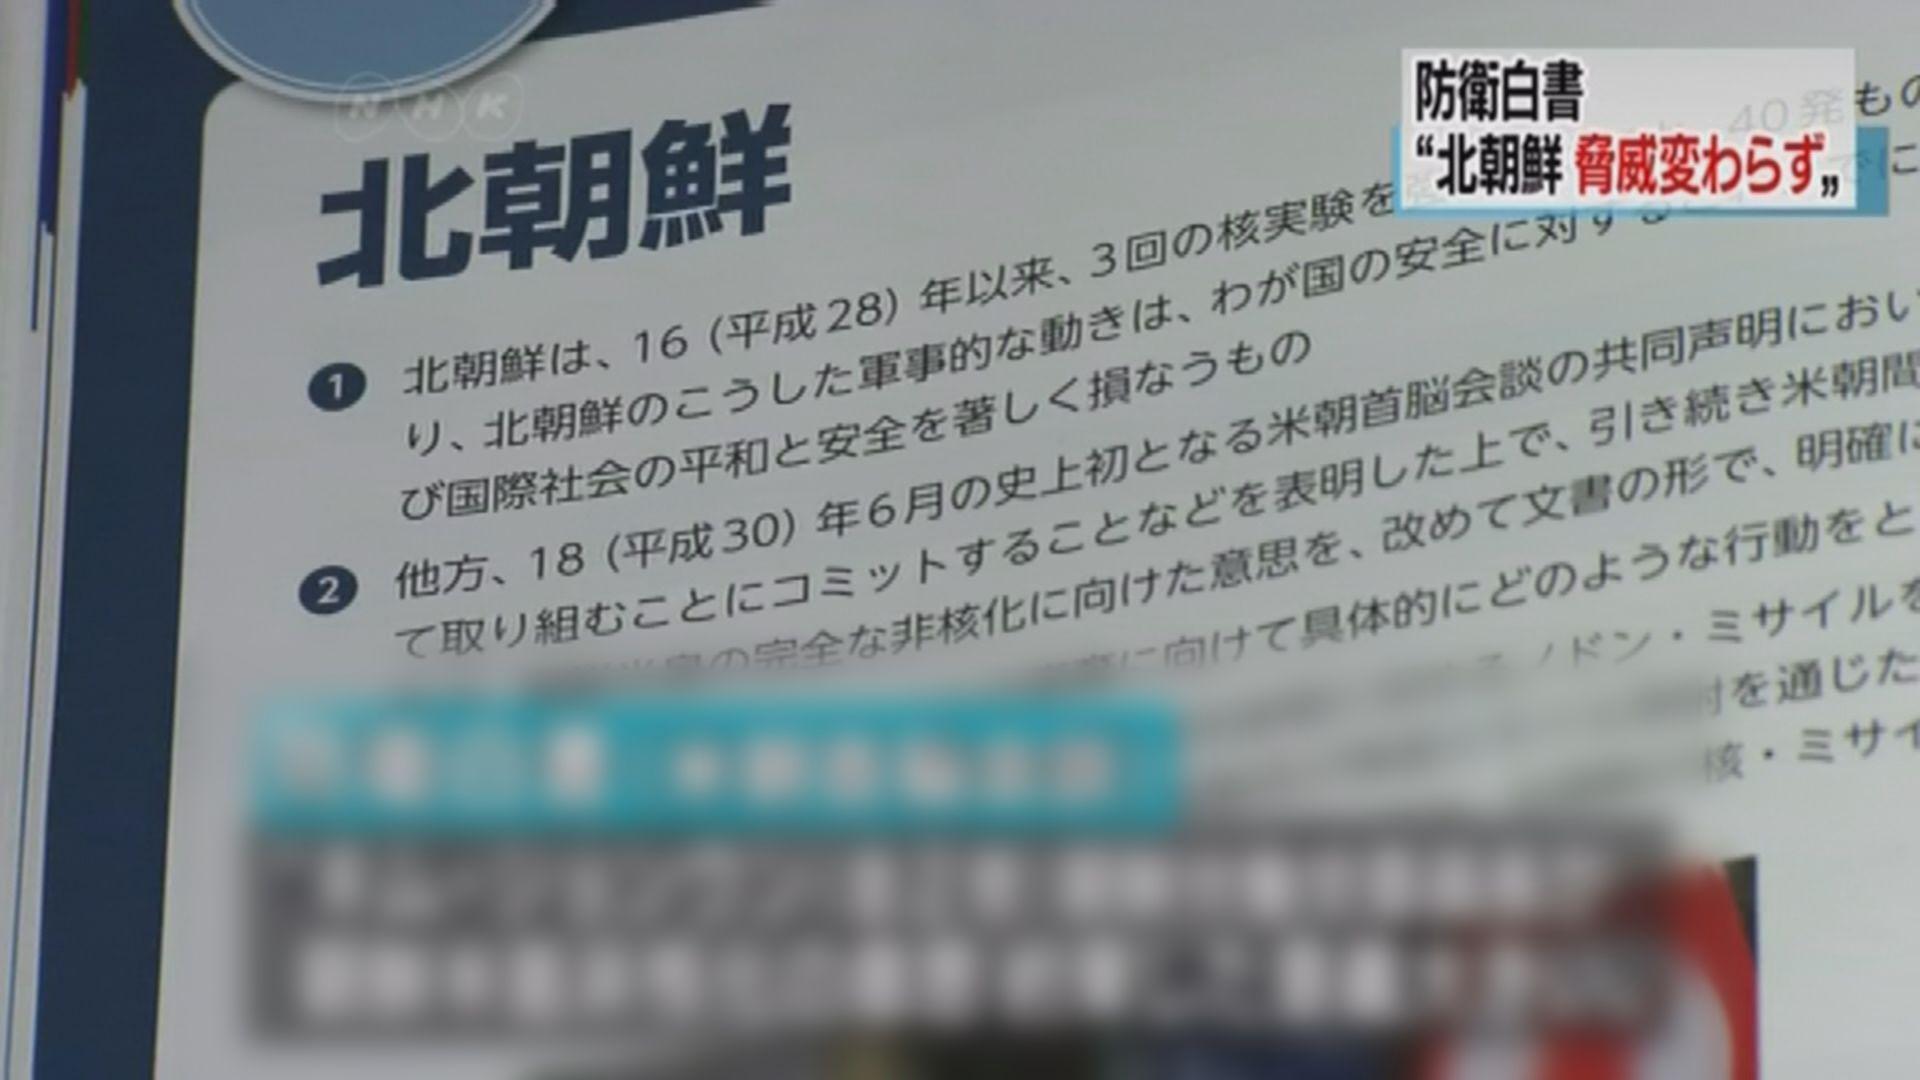 日本防衛白皮書視北韓為嚴重軍事威脅